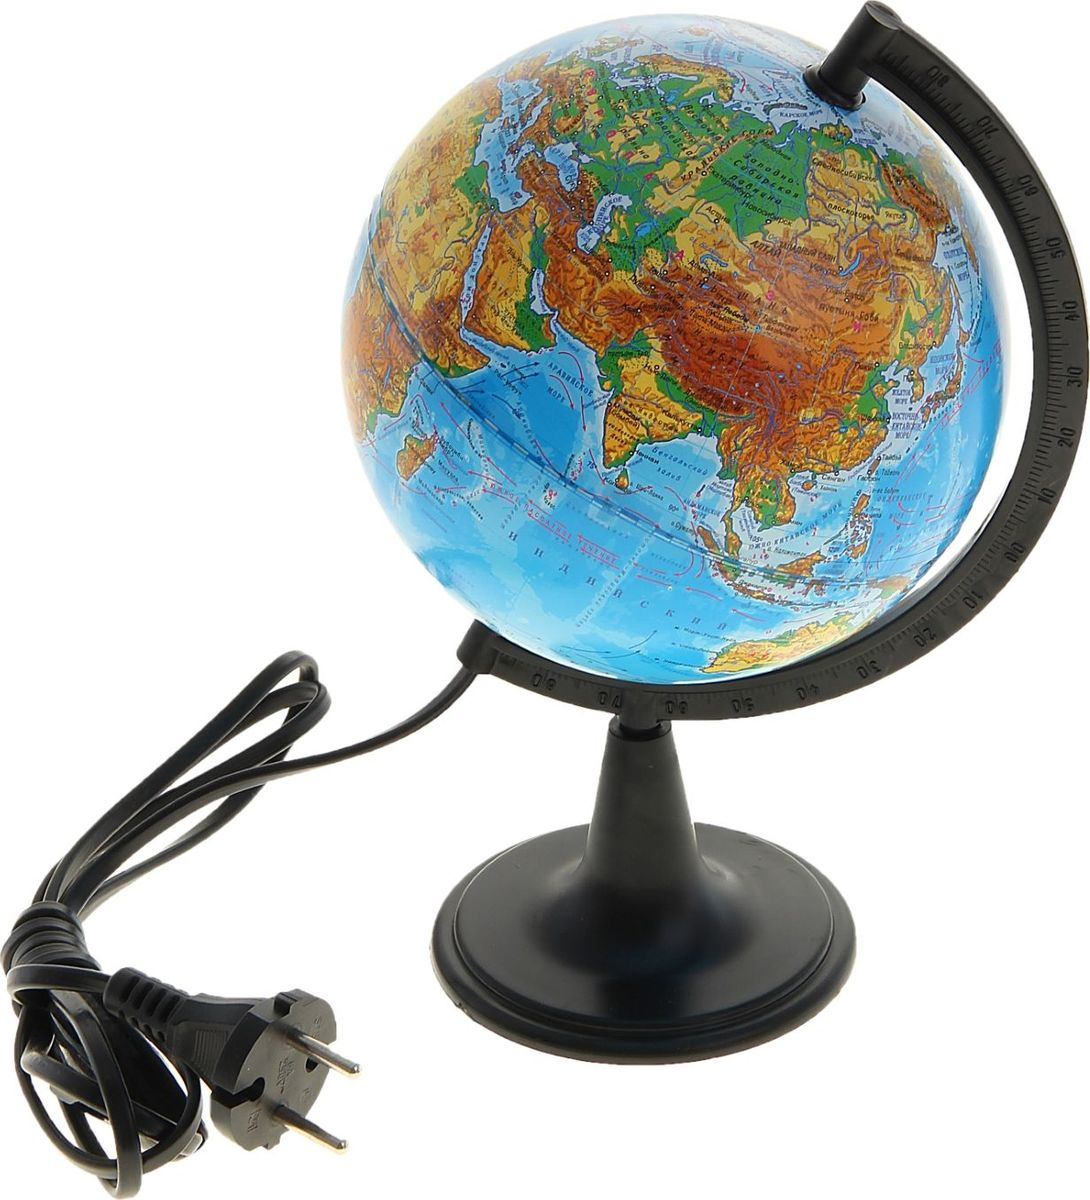 Глобусный мир Глобус физический с подсветкой диаметр 15 см1065208Глобус для всех, глобус каждому!Глобус — самый простой способ привить ребенку любовь к географии. Он является отличным наглядным примером, который способен в игровой доступной и понятной форме объяснить понятия о планете Земля.Также интерес к глобусам проявляют не только детки, но и взрослые. Для многих уменьшенная копия планеты заменяет атлас мира из-за своей доступности и универсальности.Умный подарок! Кому принято дарить глобусы? Всем! Глобус физический диаметр 150 мм, с подсветкой — это уменьшенная копия земного шара, в которой каждый найдет для себя что-то свое.путешественники и заядлые туристы смогут отмечать с помощью стикеров те места, в которых побывали или собираются их посетитьделовые и успешные люди оценят такой подарок по достоинству, потому что глобус ассоциируется со статусом и властьюпреподаватели, ученые, студенты или просто неординарные личности также найдут для глобуса достойное место в своем доме.Итак, спешите заказать настольные глобусы в нашем интернет-магазине по привлекательным ценам, и помните, кто владеет глобусом, тот владеет миром!